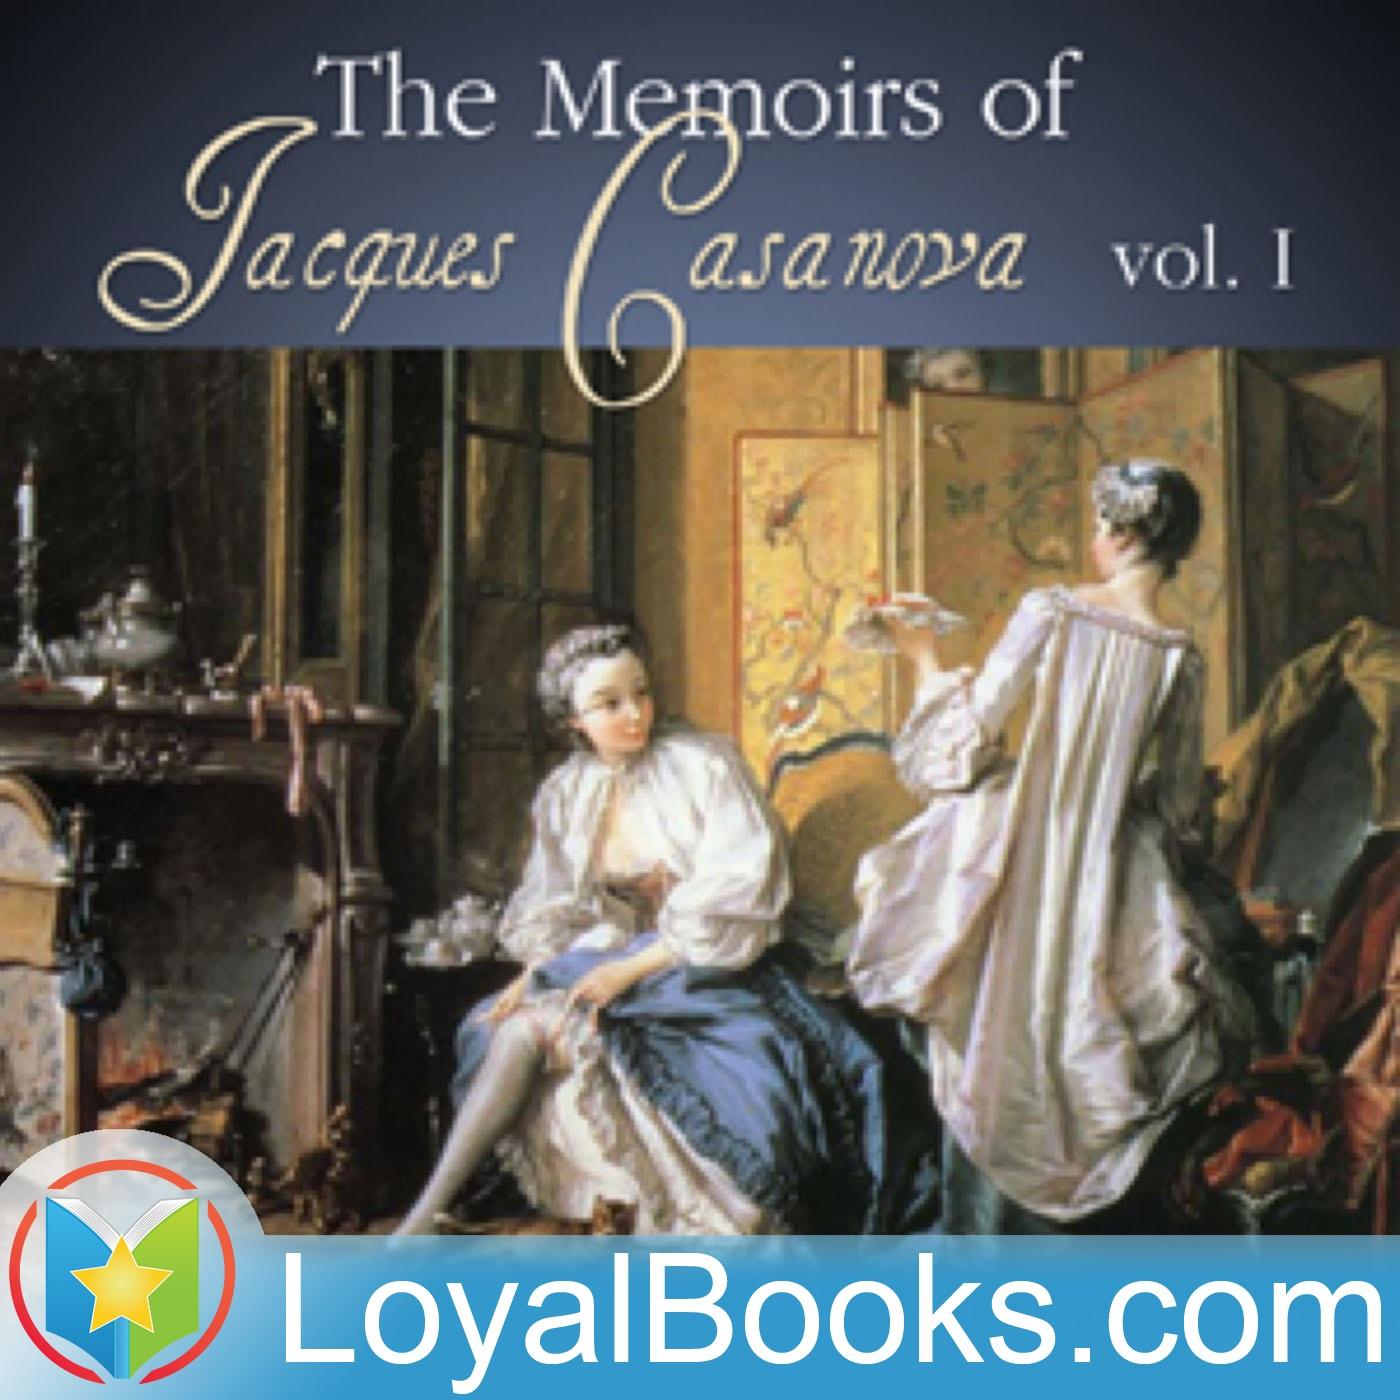 <![CDATA[The Memoirs of Jacques Casanova by Giacomo Casanova]]>